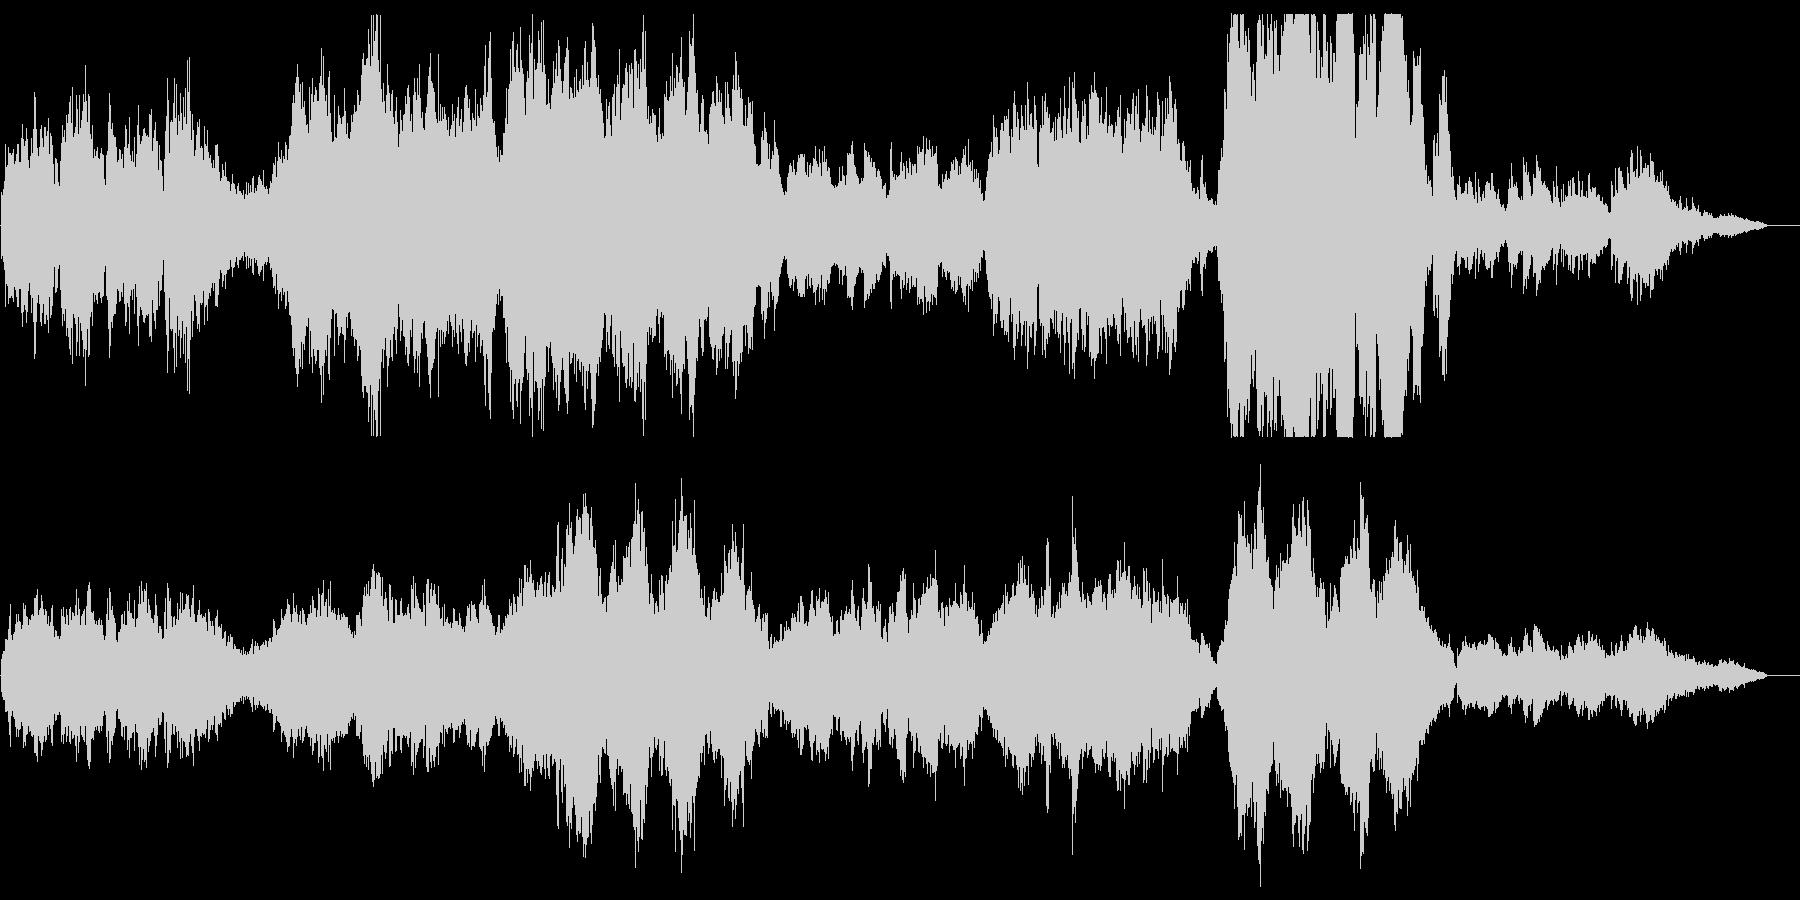 壮大なストリングス・オーケストラの未再生の波形